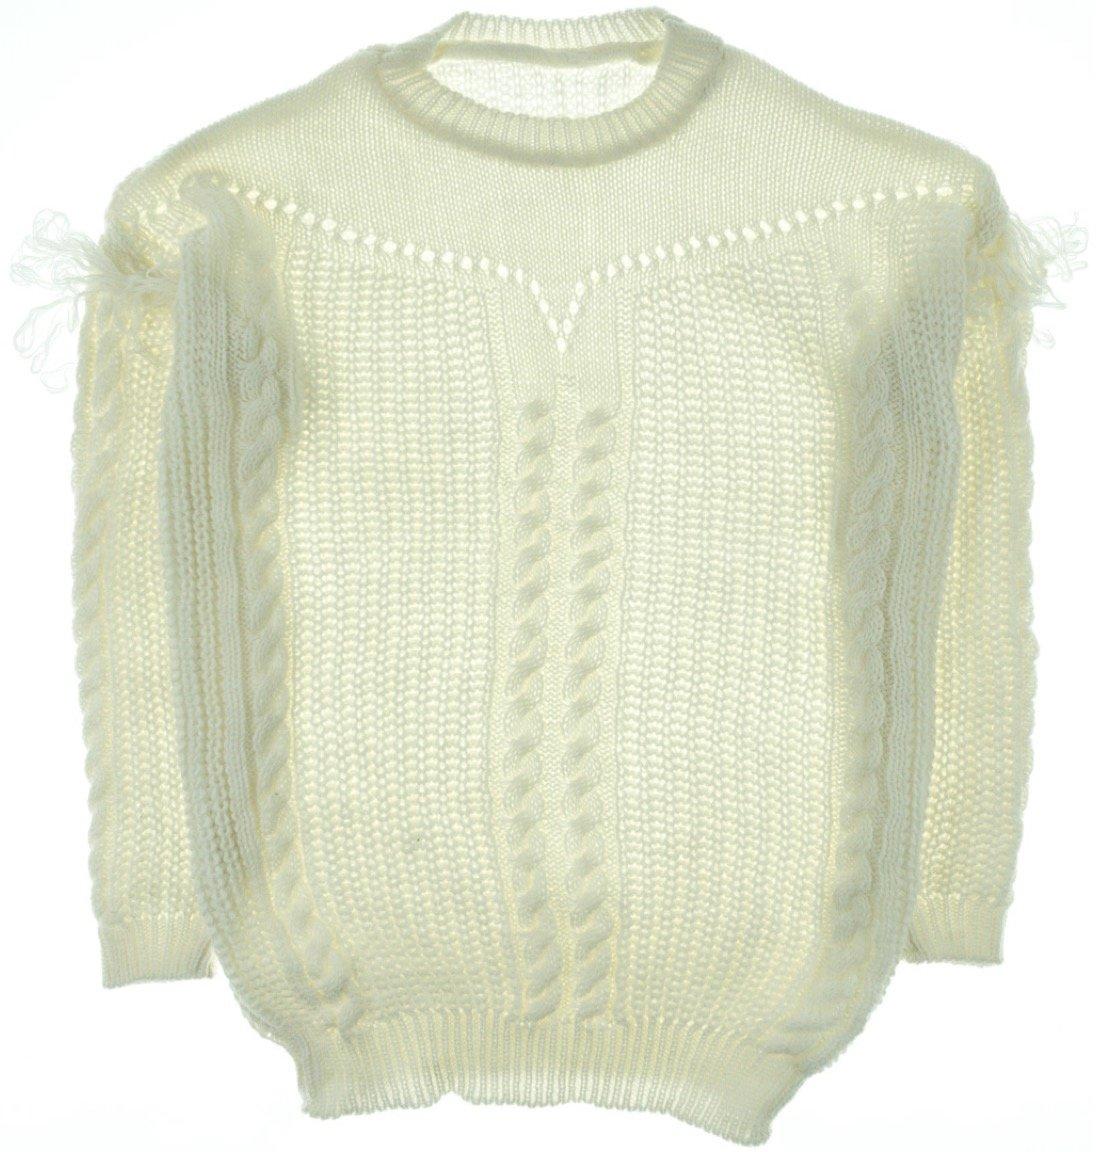 ΑΖ γυναικεία πλεκτή μπλούζα «Ecru Knitting»